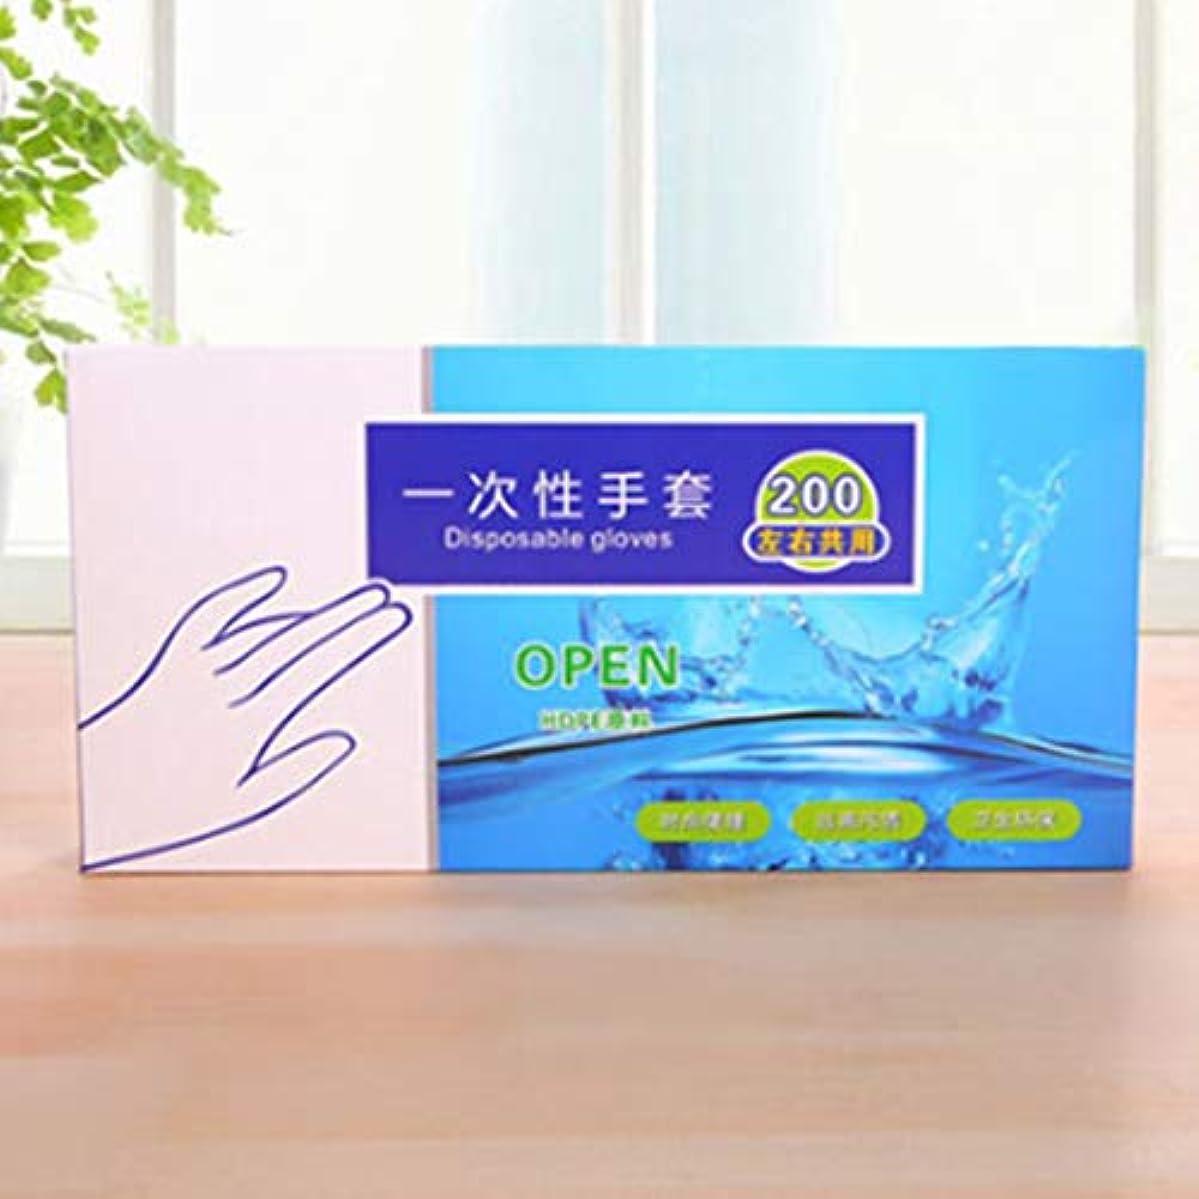 マージン愚か開業医SODAOA屋 使い捨て手袋 透明 実用 衛生 プラスチック 調理 お掃除 毛染め 100枚/200枚 (200)